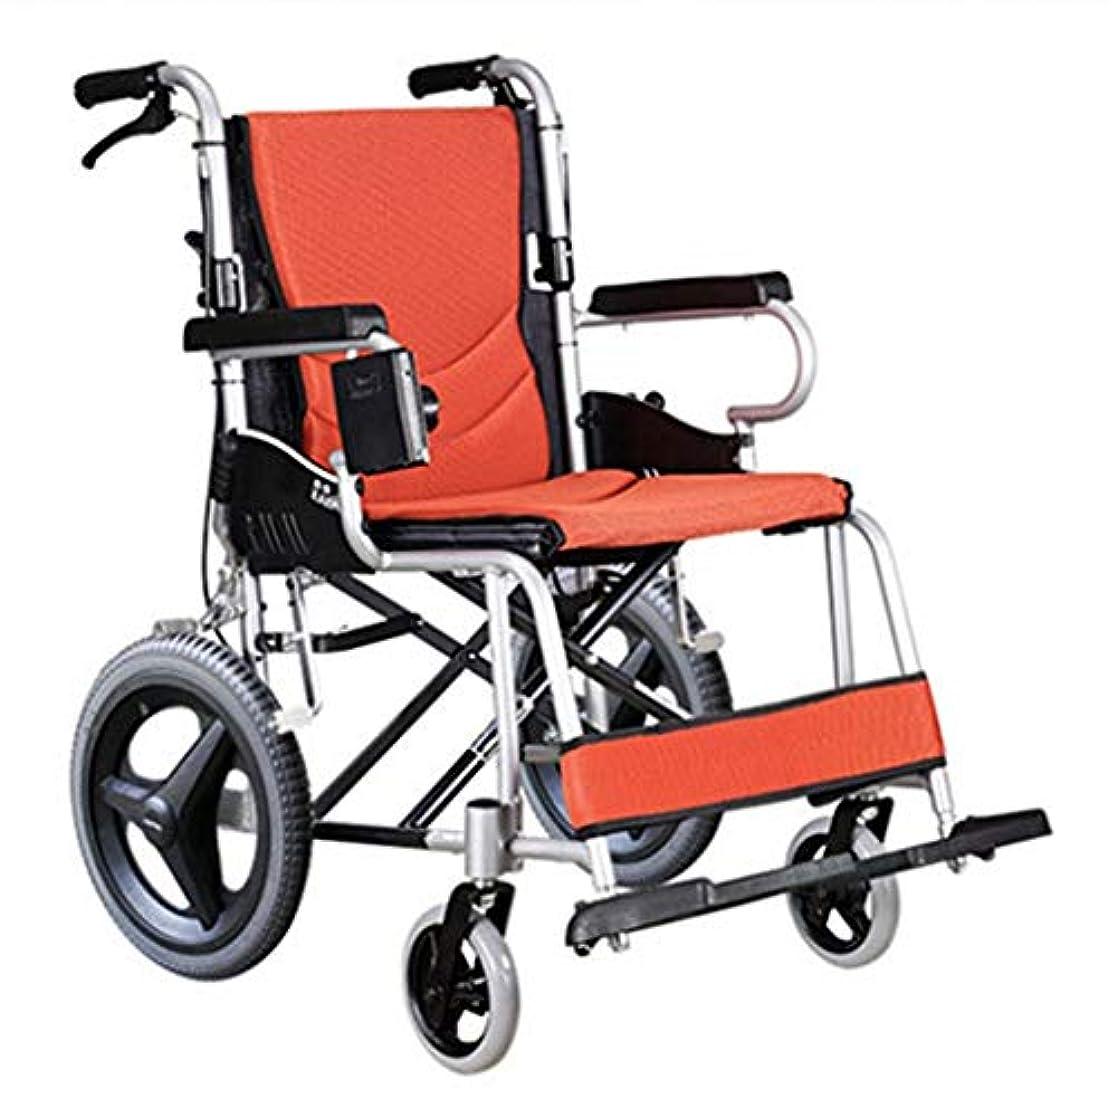 インテリア歌強大な折りたたみ車椅子、航空用アルミニウム合金車椅子ソリッドタイヤ、高齢者向けダブルブレーキデザイン野外活動車椅子トロリー